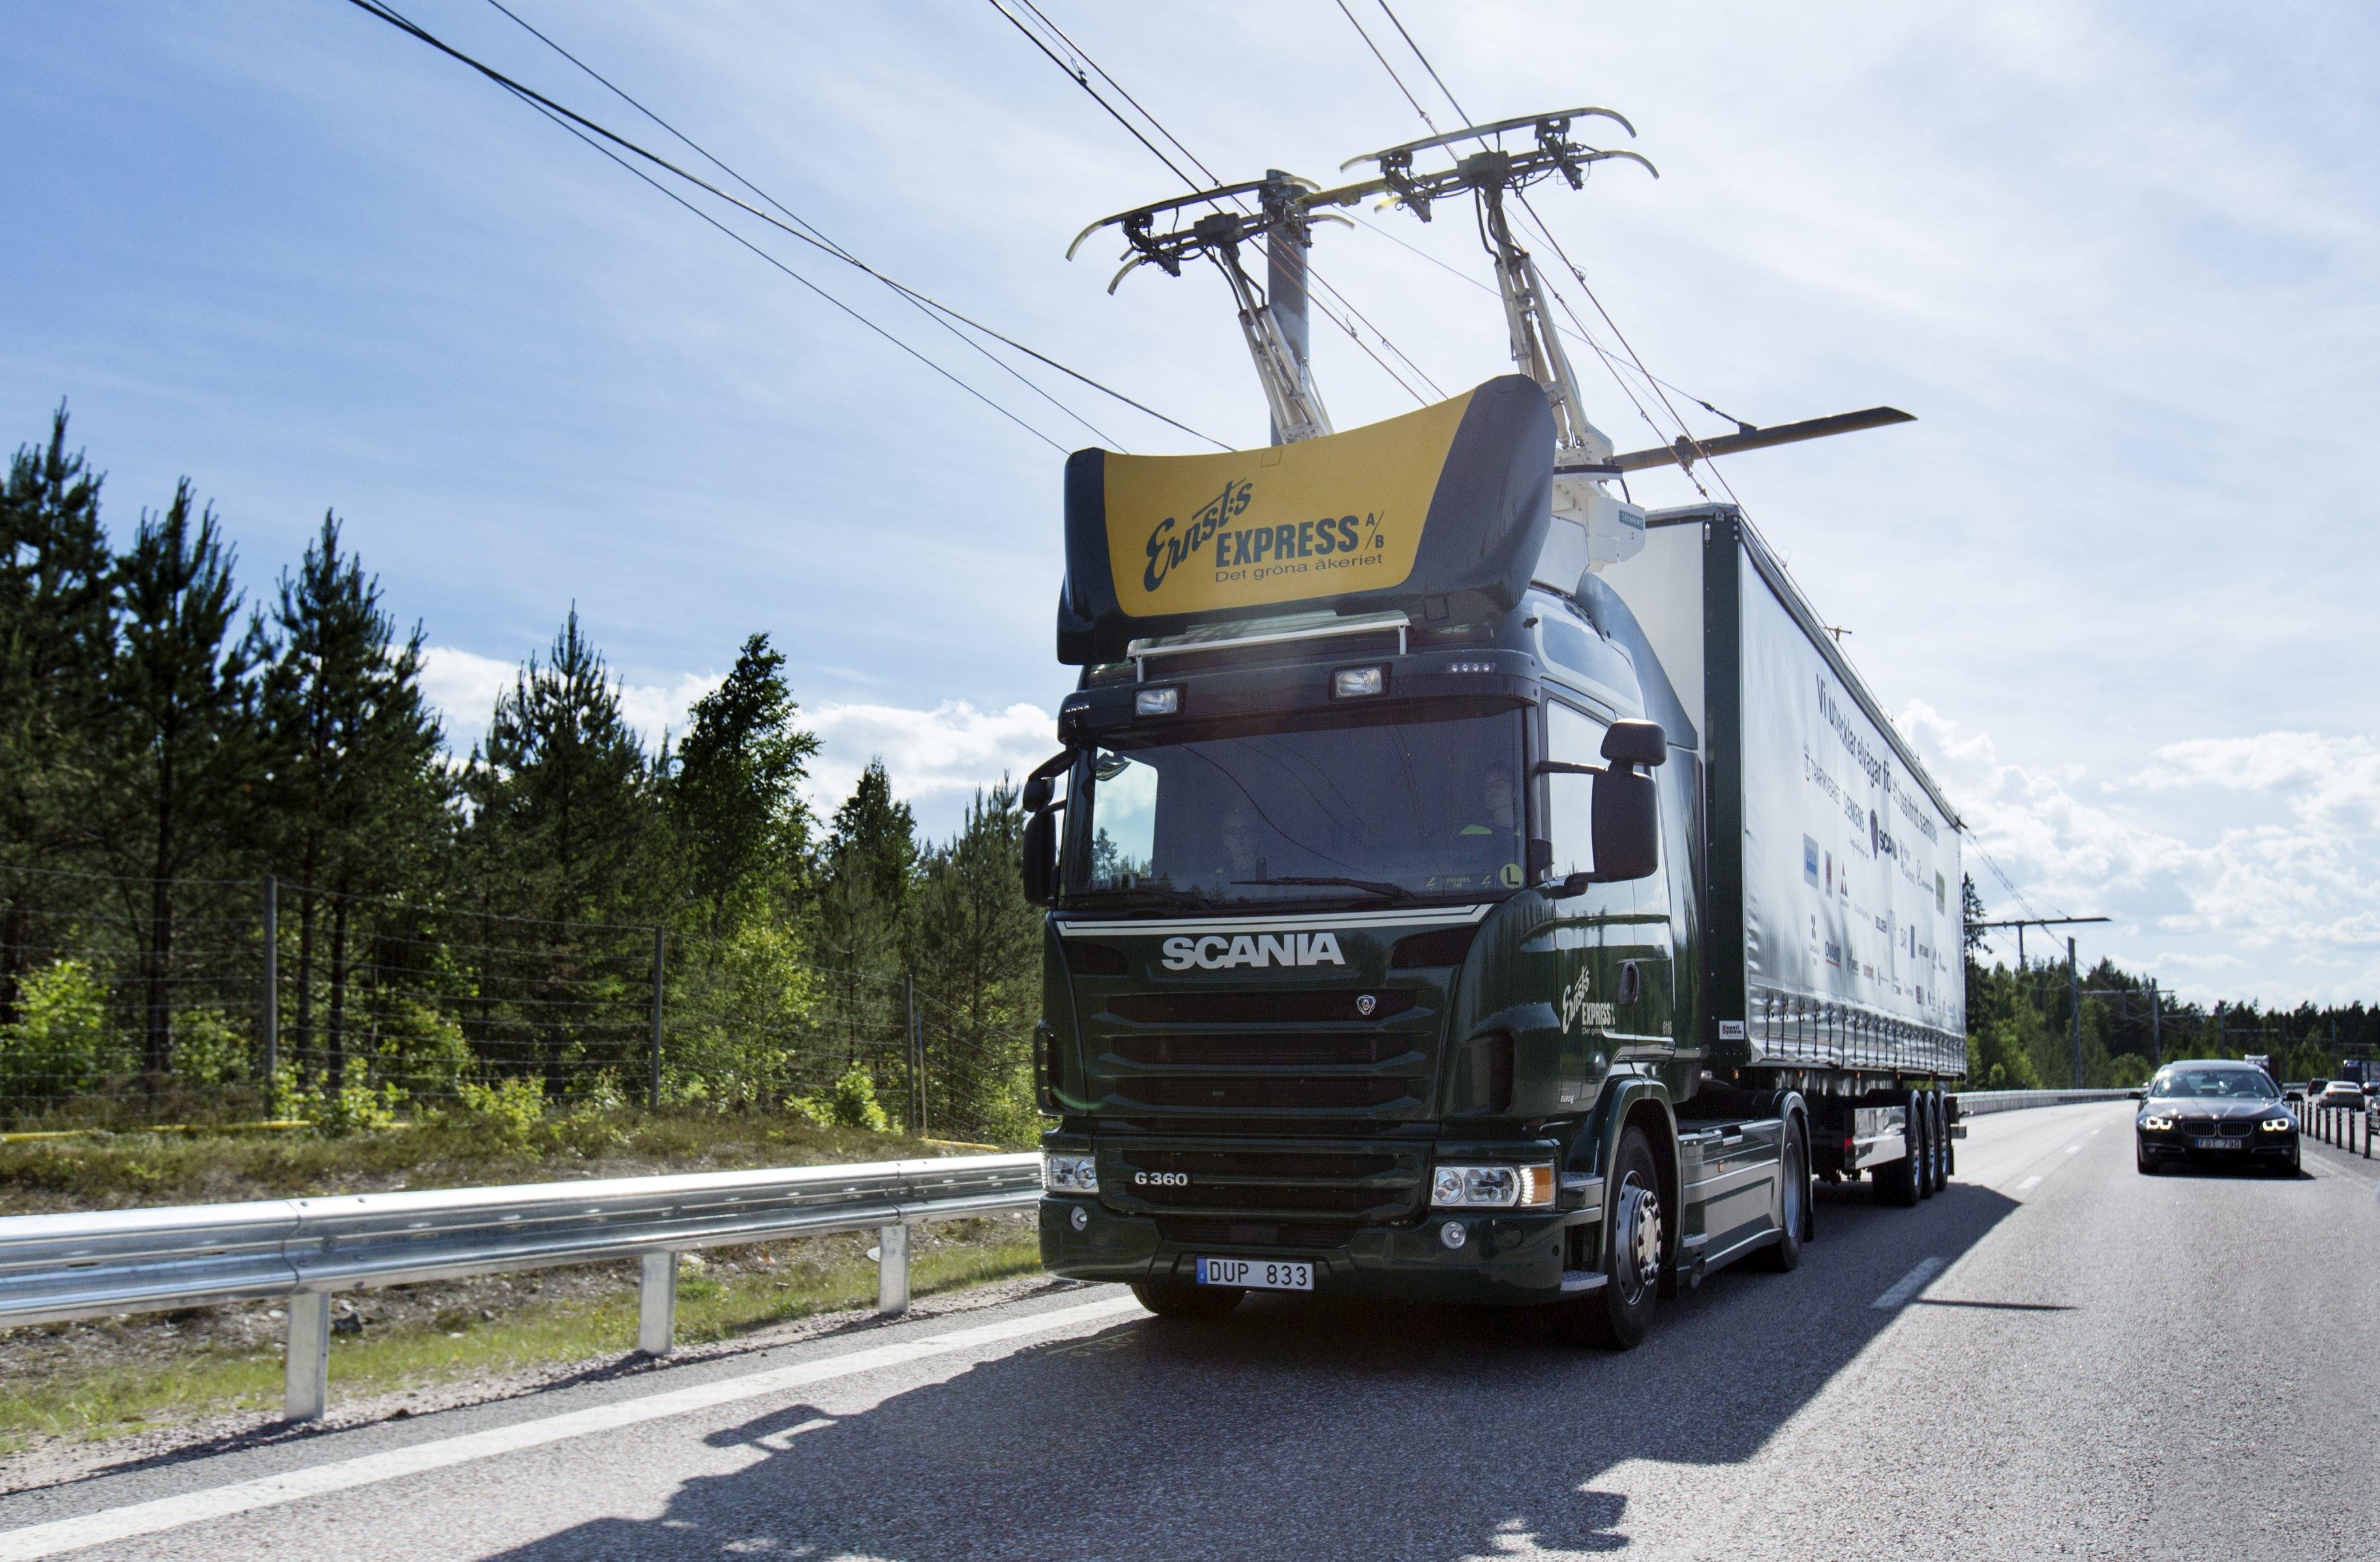 A primeira rodovia eletrificada do mundo foi planejada na cidade sueca de Gävle (Foto: Divulgação/Scania)